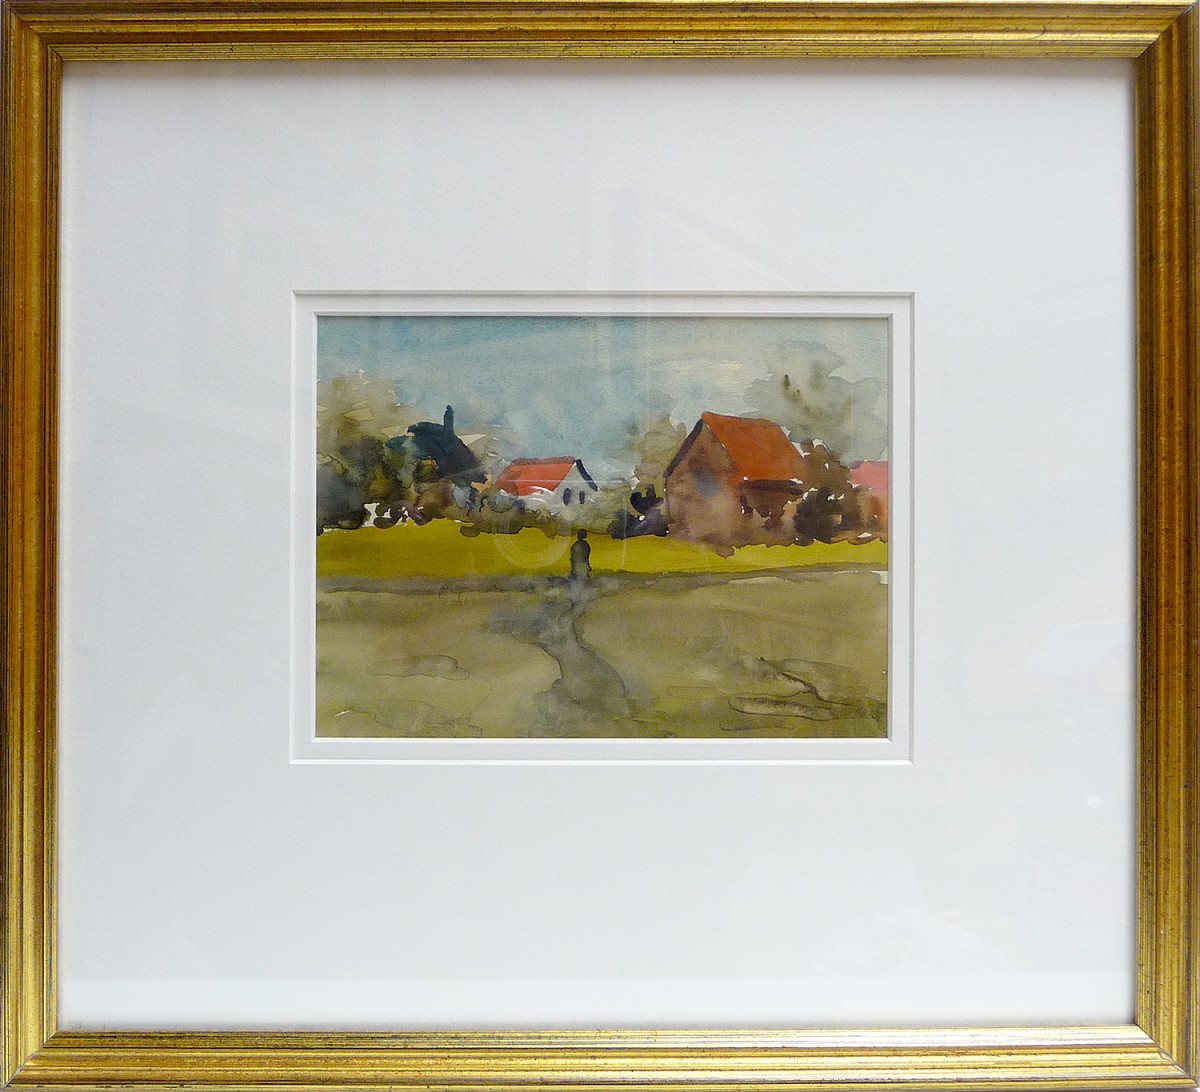 2371 - Untitled, Red Roof by Llewellyn Petley-Jones (1908-1986)